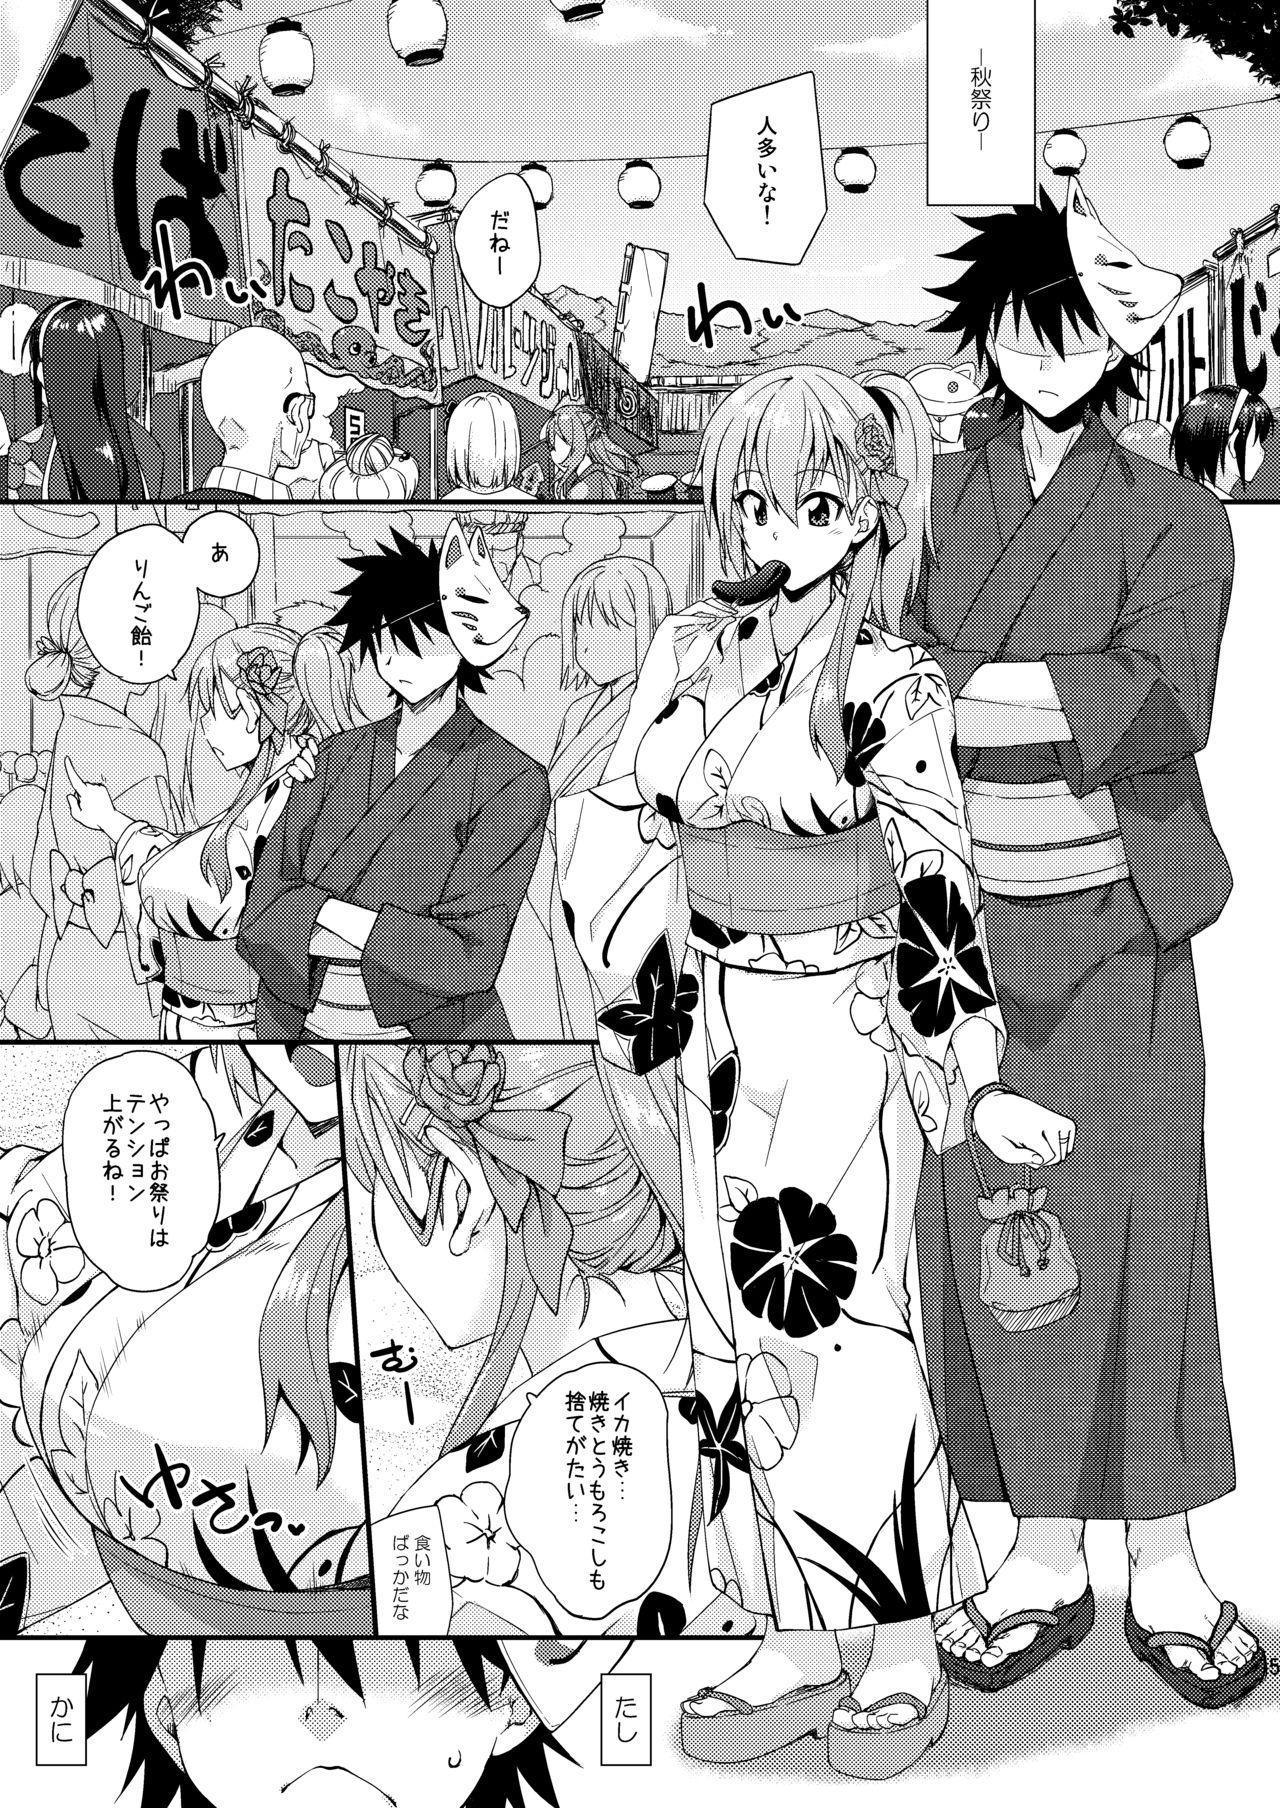 Suzuya to Dousuru? Nani Shichau? 13 3